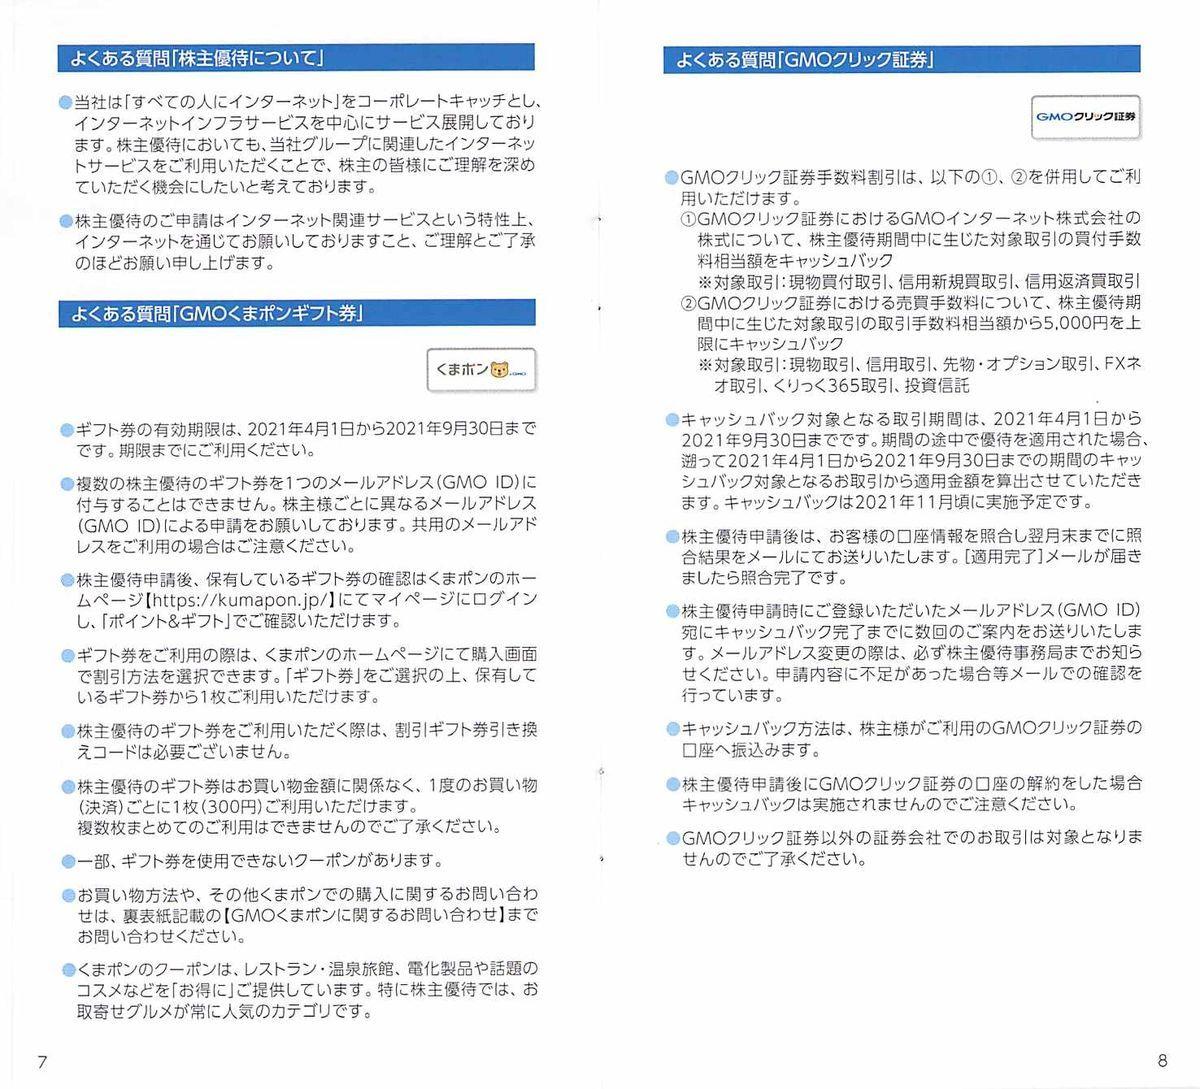 f:id:kei_kichy:20210310224344j:plain